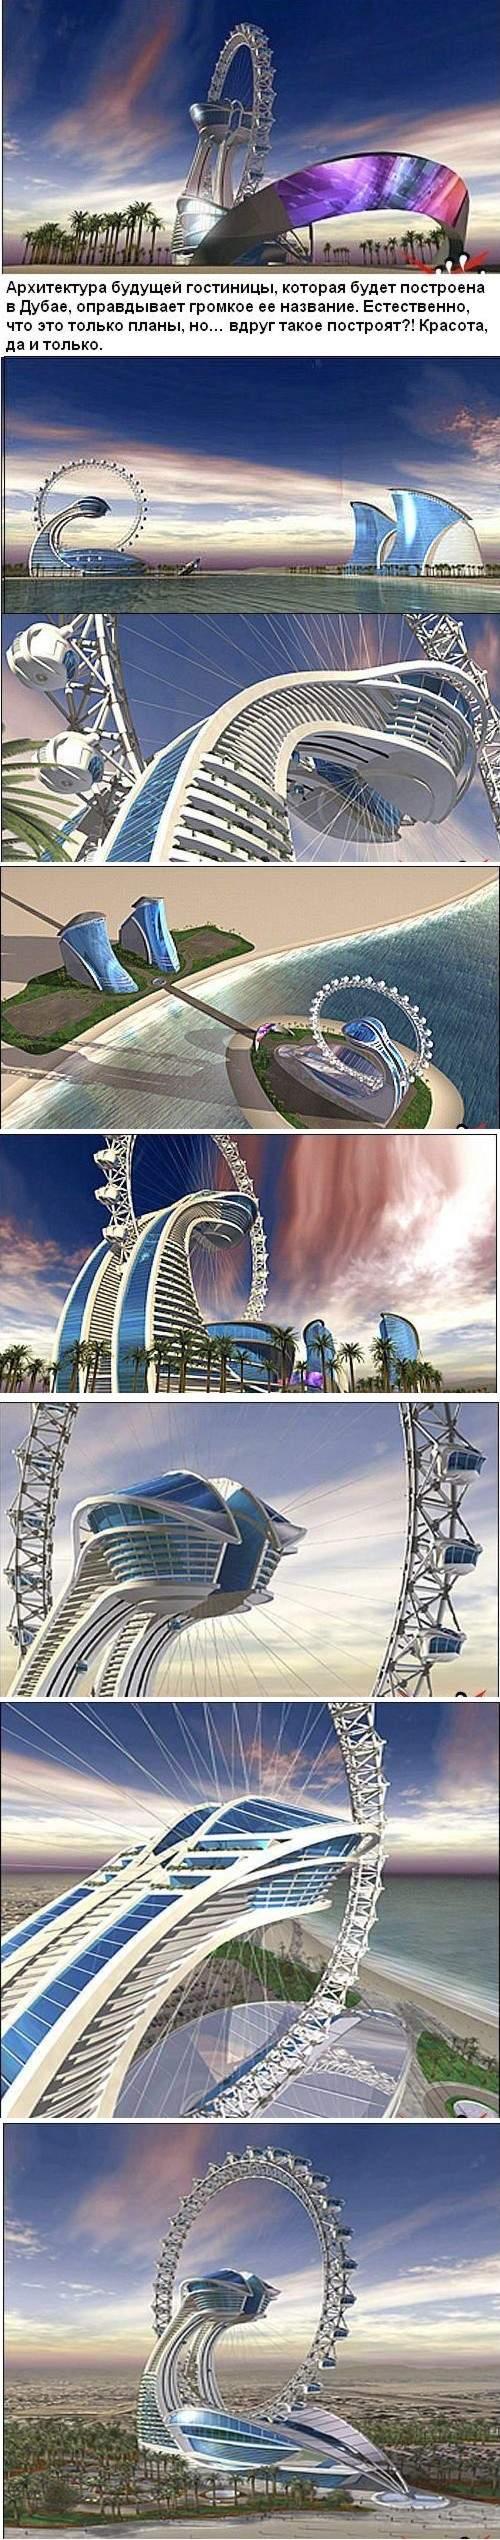 Дубаи: Рис.16